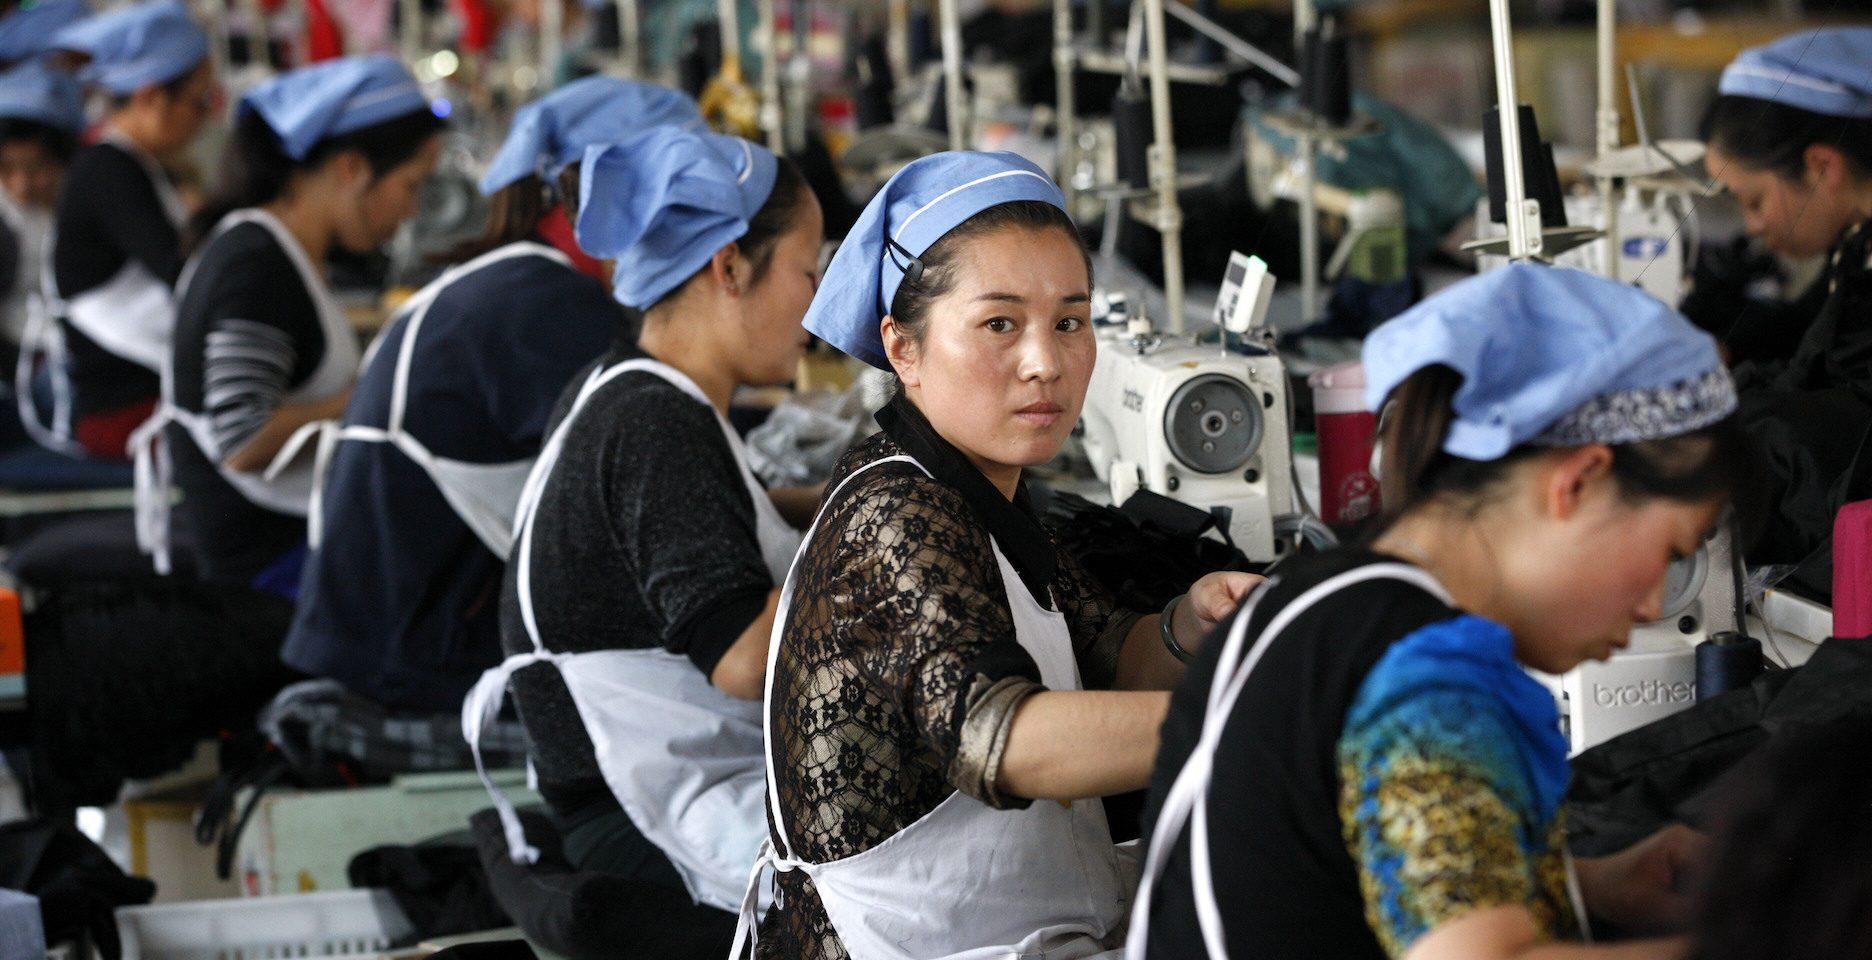 Allt fler aktörer i Sverige kräver att företag måste kunna ställas till svars för övergrepp på tex mänskliga rättigheter eller dåliga arbetsvillkor i leverantörsledet, här textilarbetare i Kina, som levererar till företag i EU.